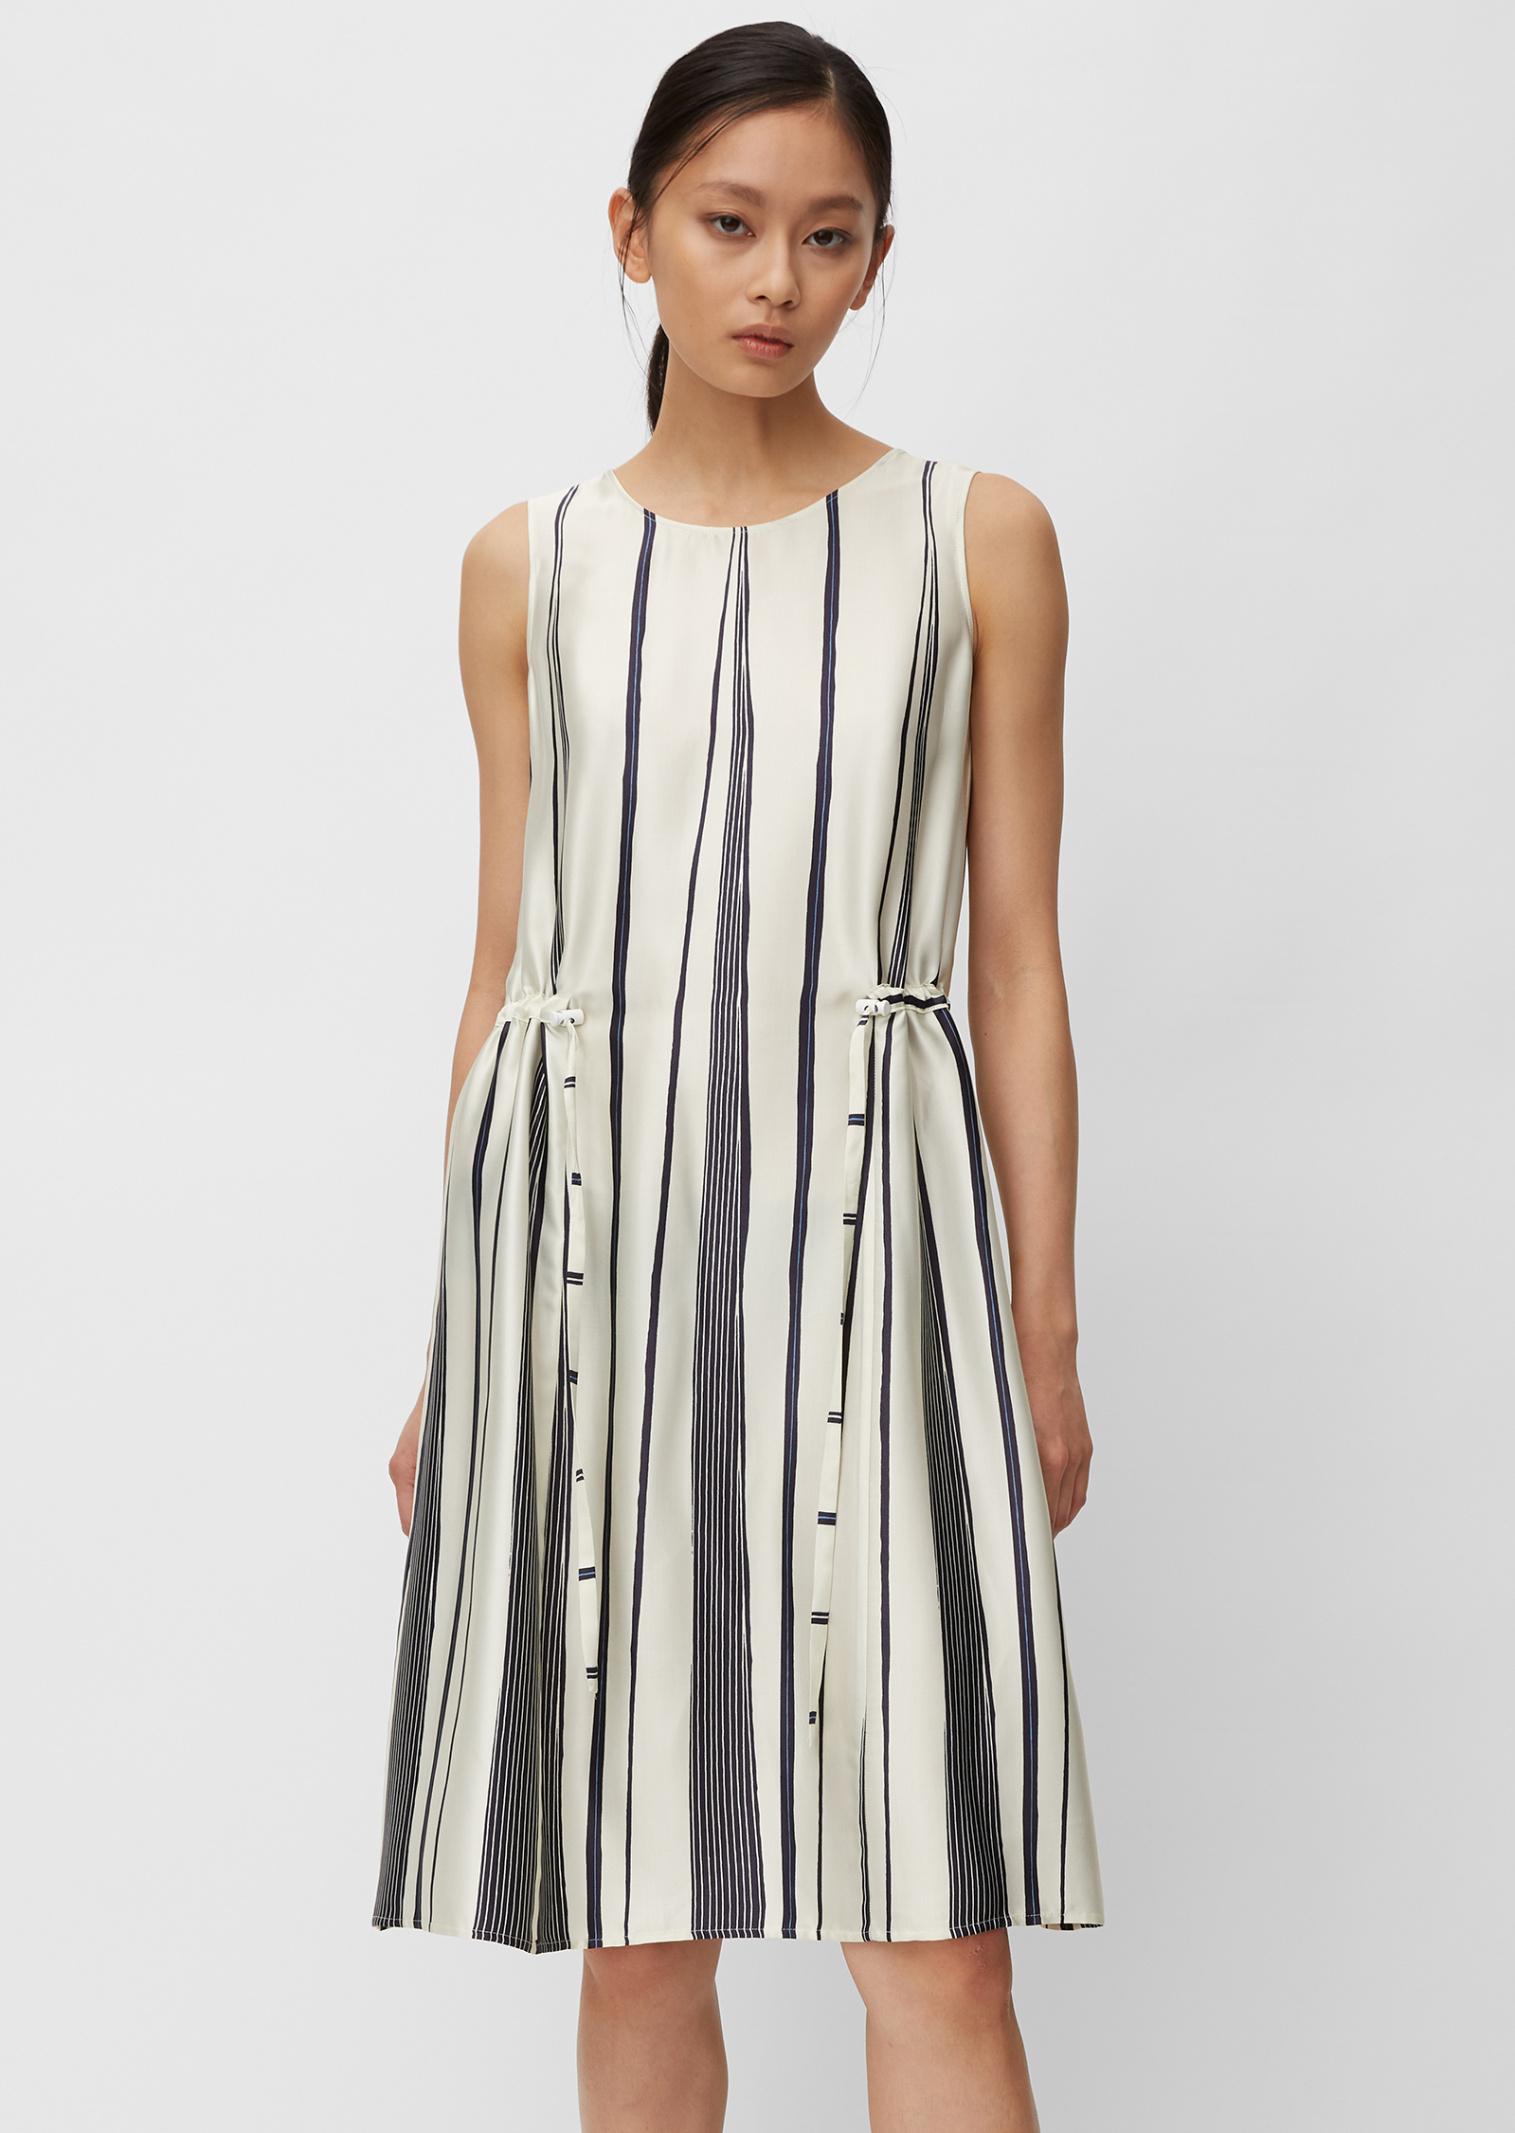 MARC O'POLO Pure Сукня жіночі модель 083100221193-T01 купити, 2017